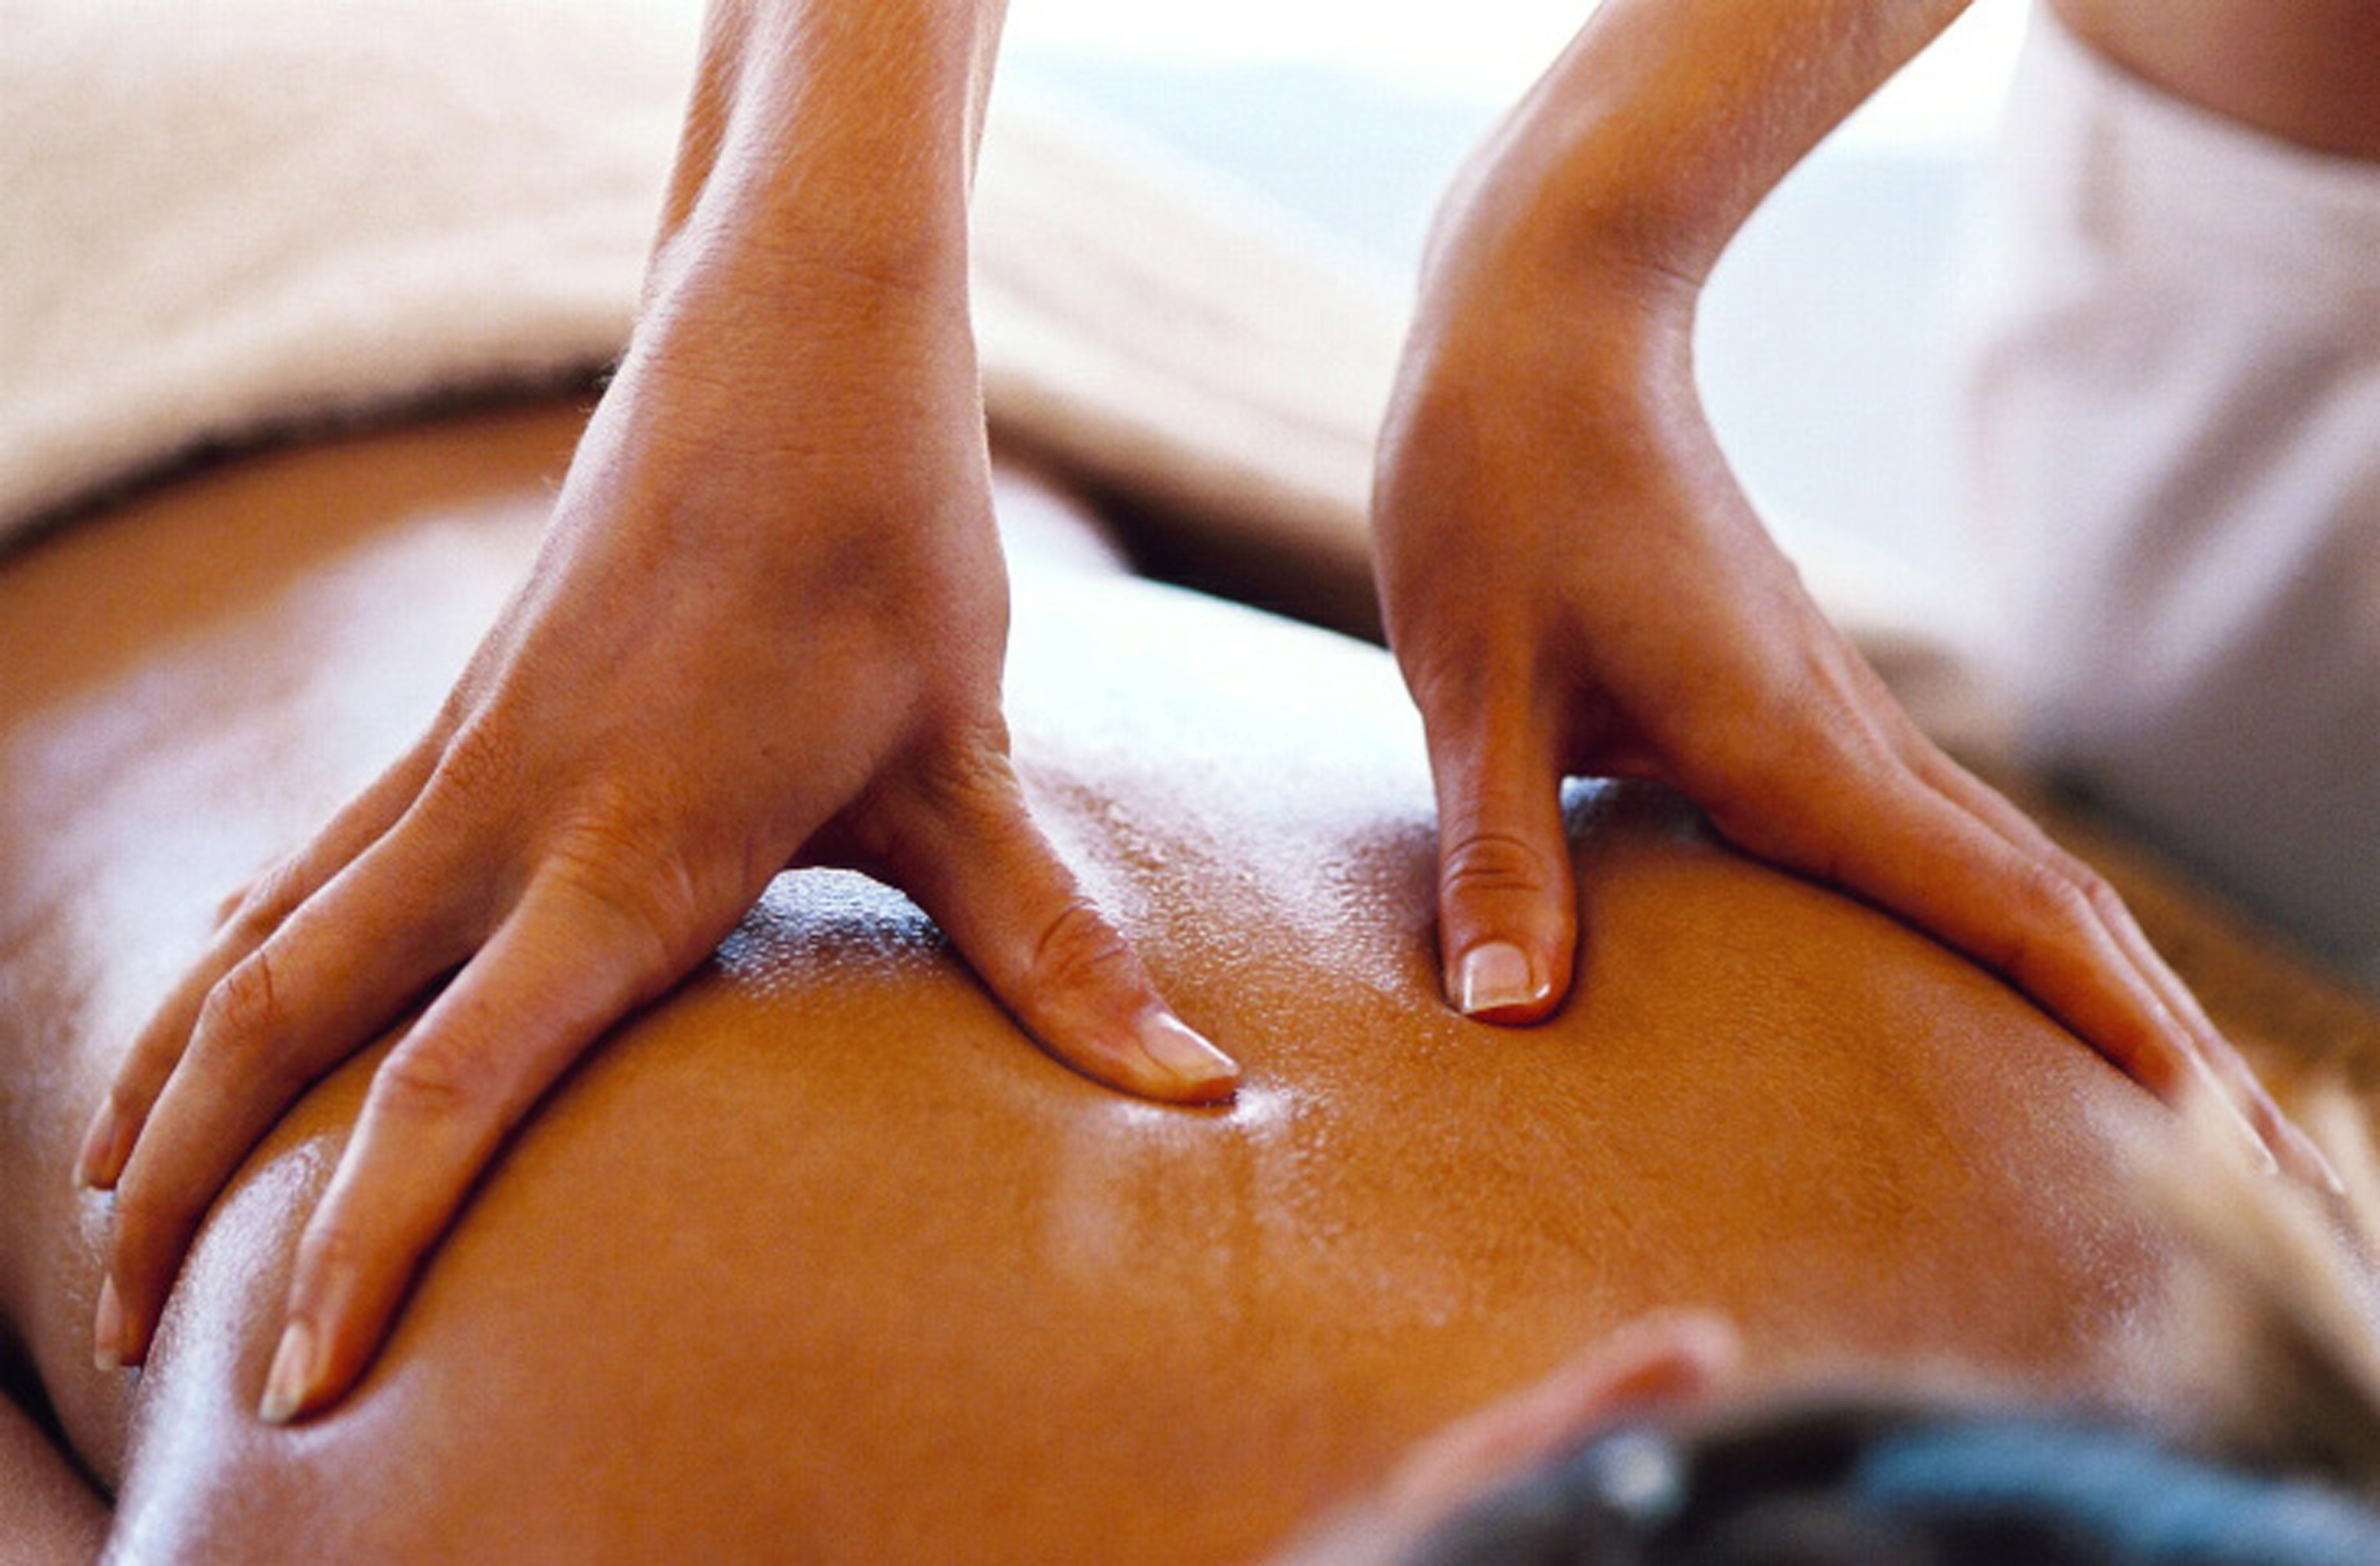 Для усиления эрекции важно делать правильный массаж